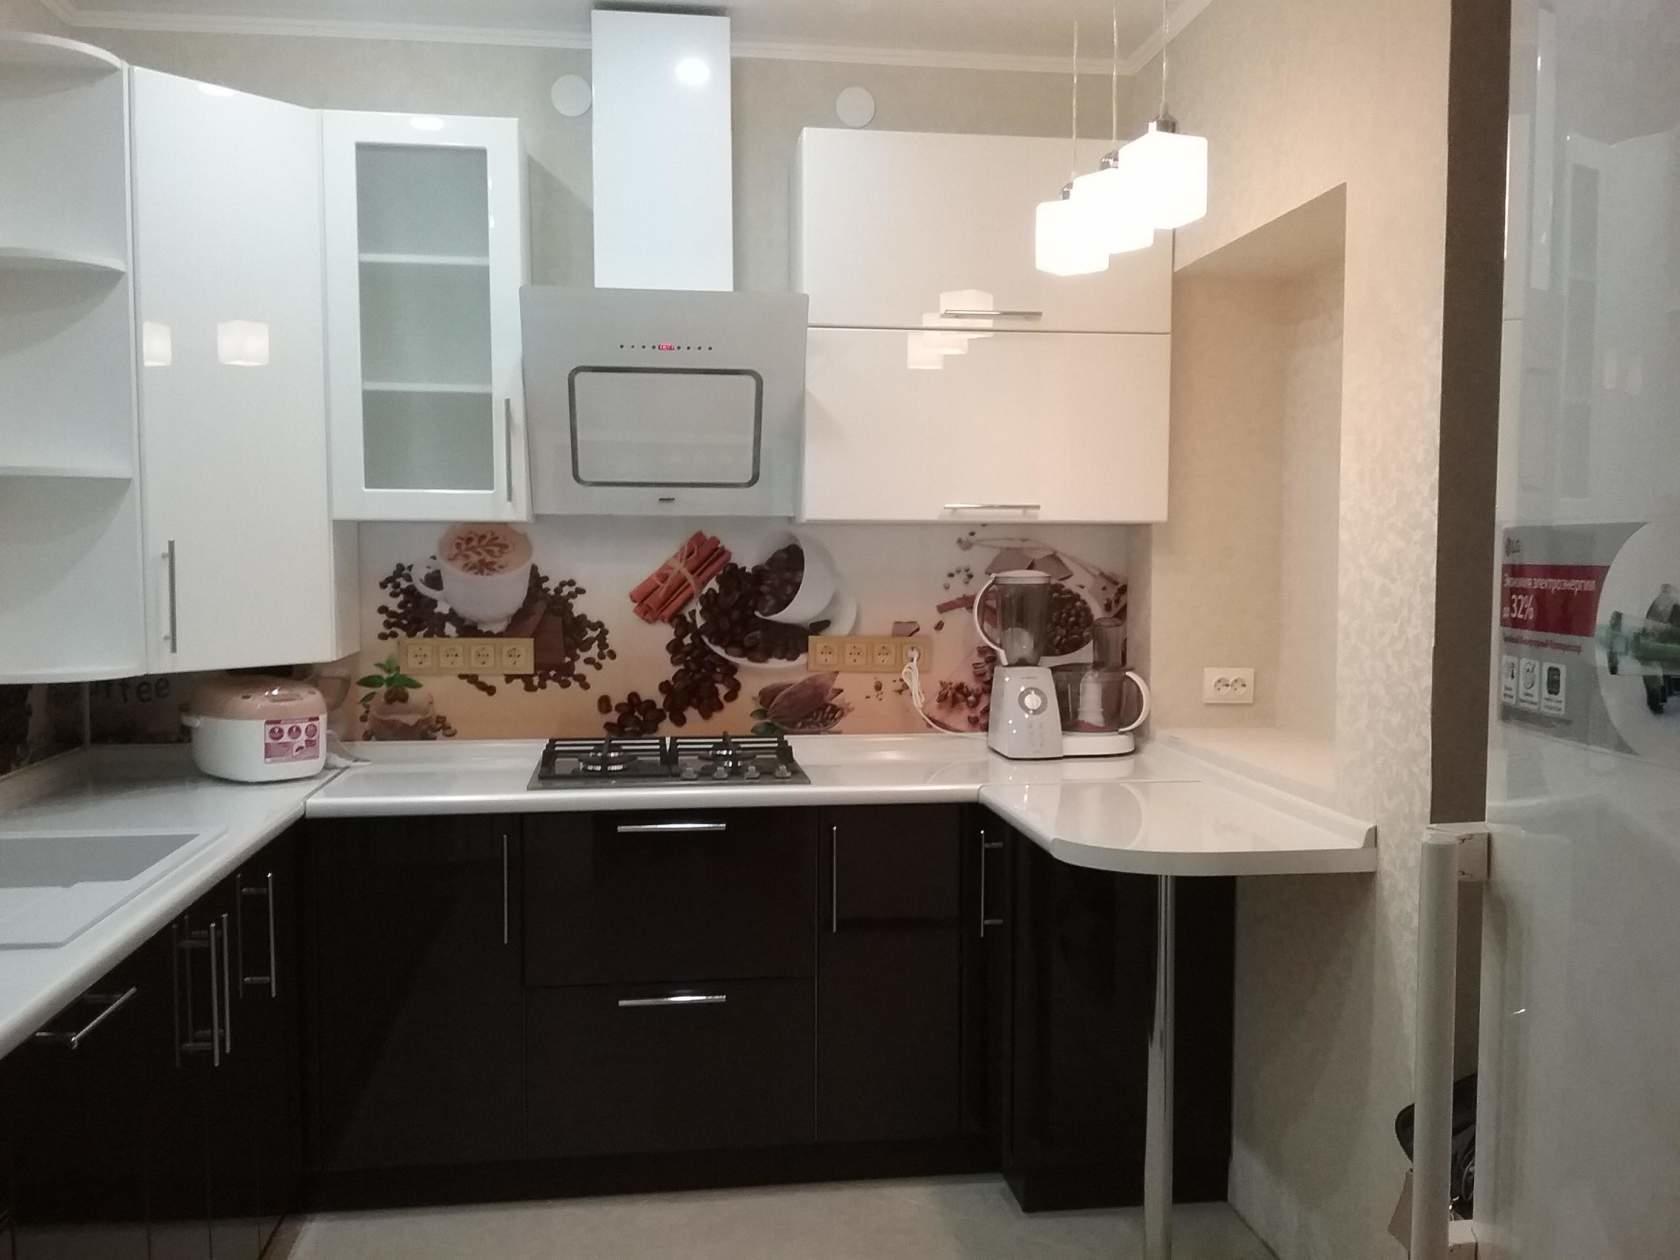 Оформляем фартук на кухне: виды и материалы (95 фото)